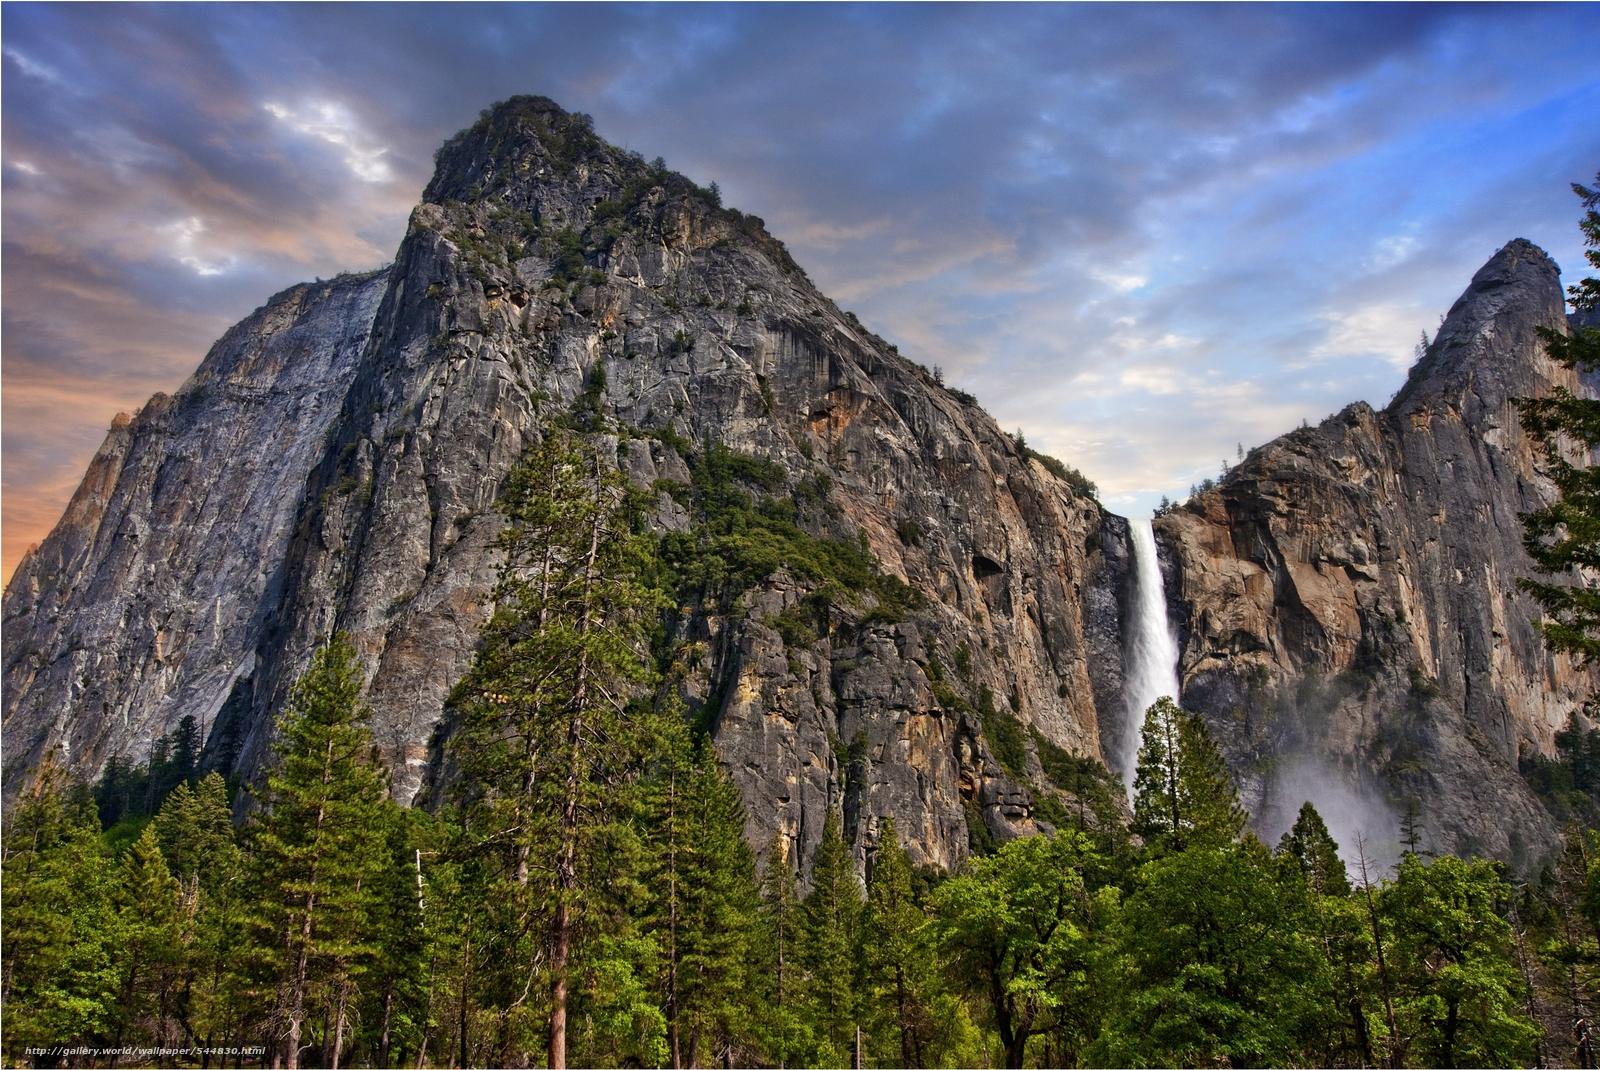 下载壁纸 优胜美地国家公园, 美国, 景观 免费为您的桌面分辨率的壁纸